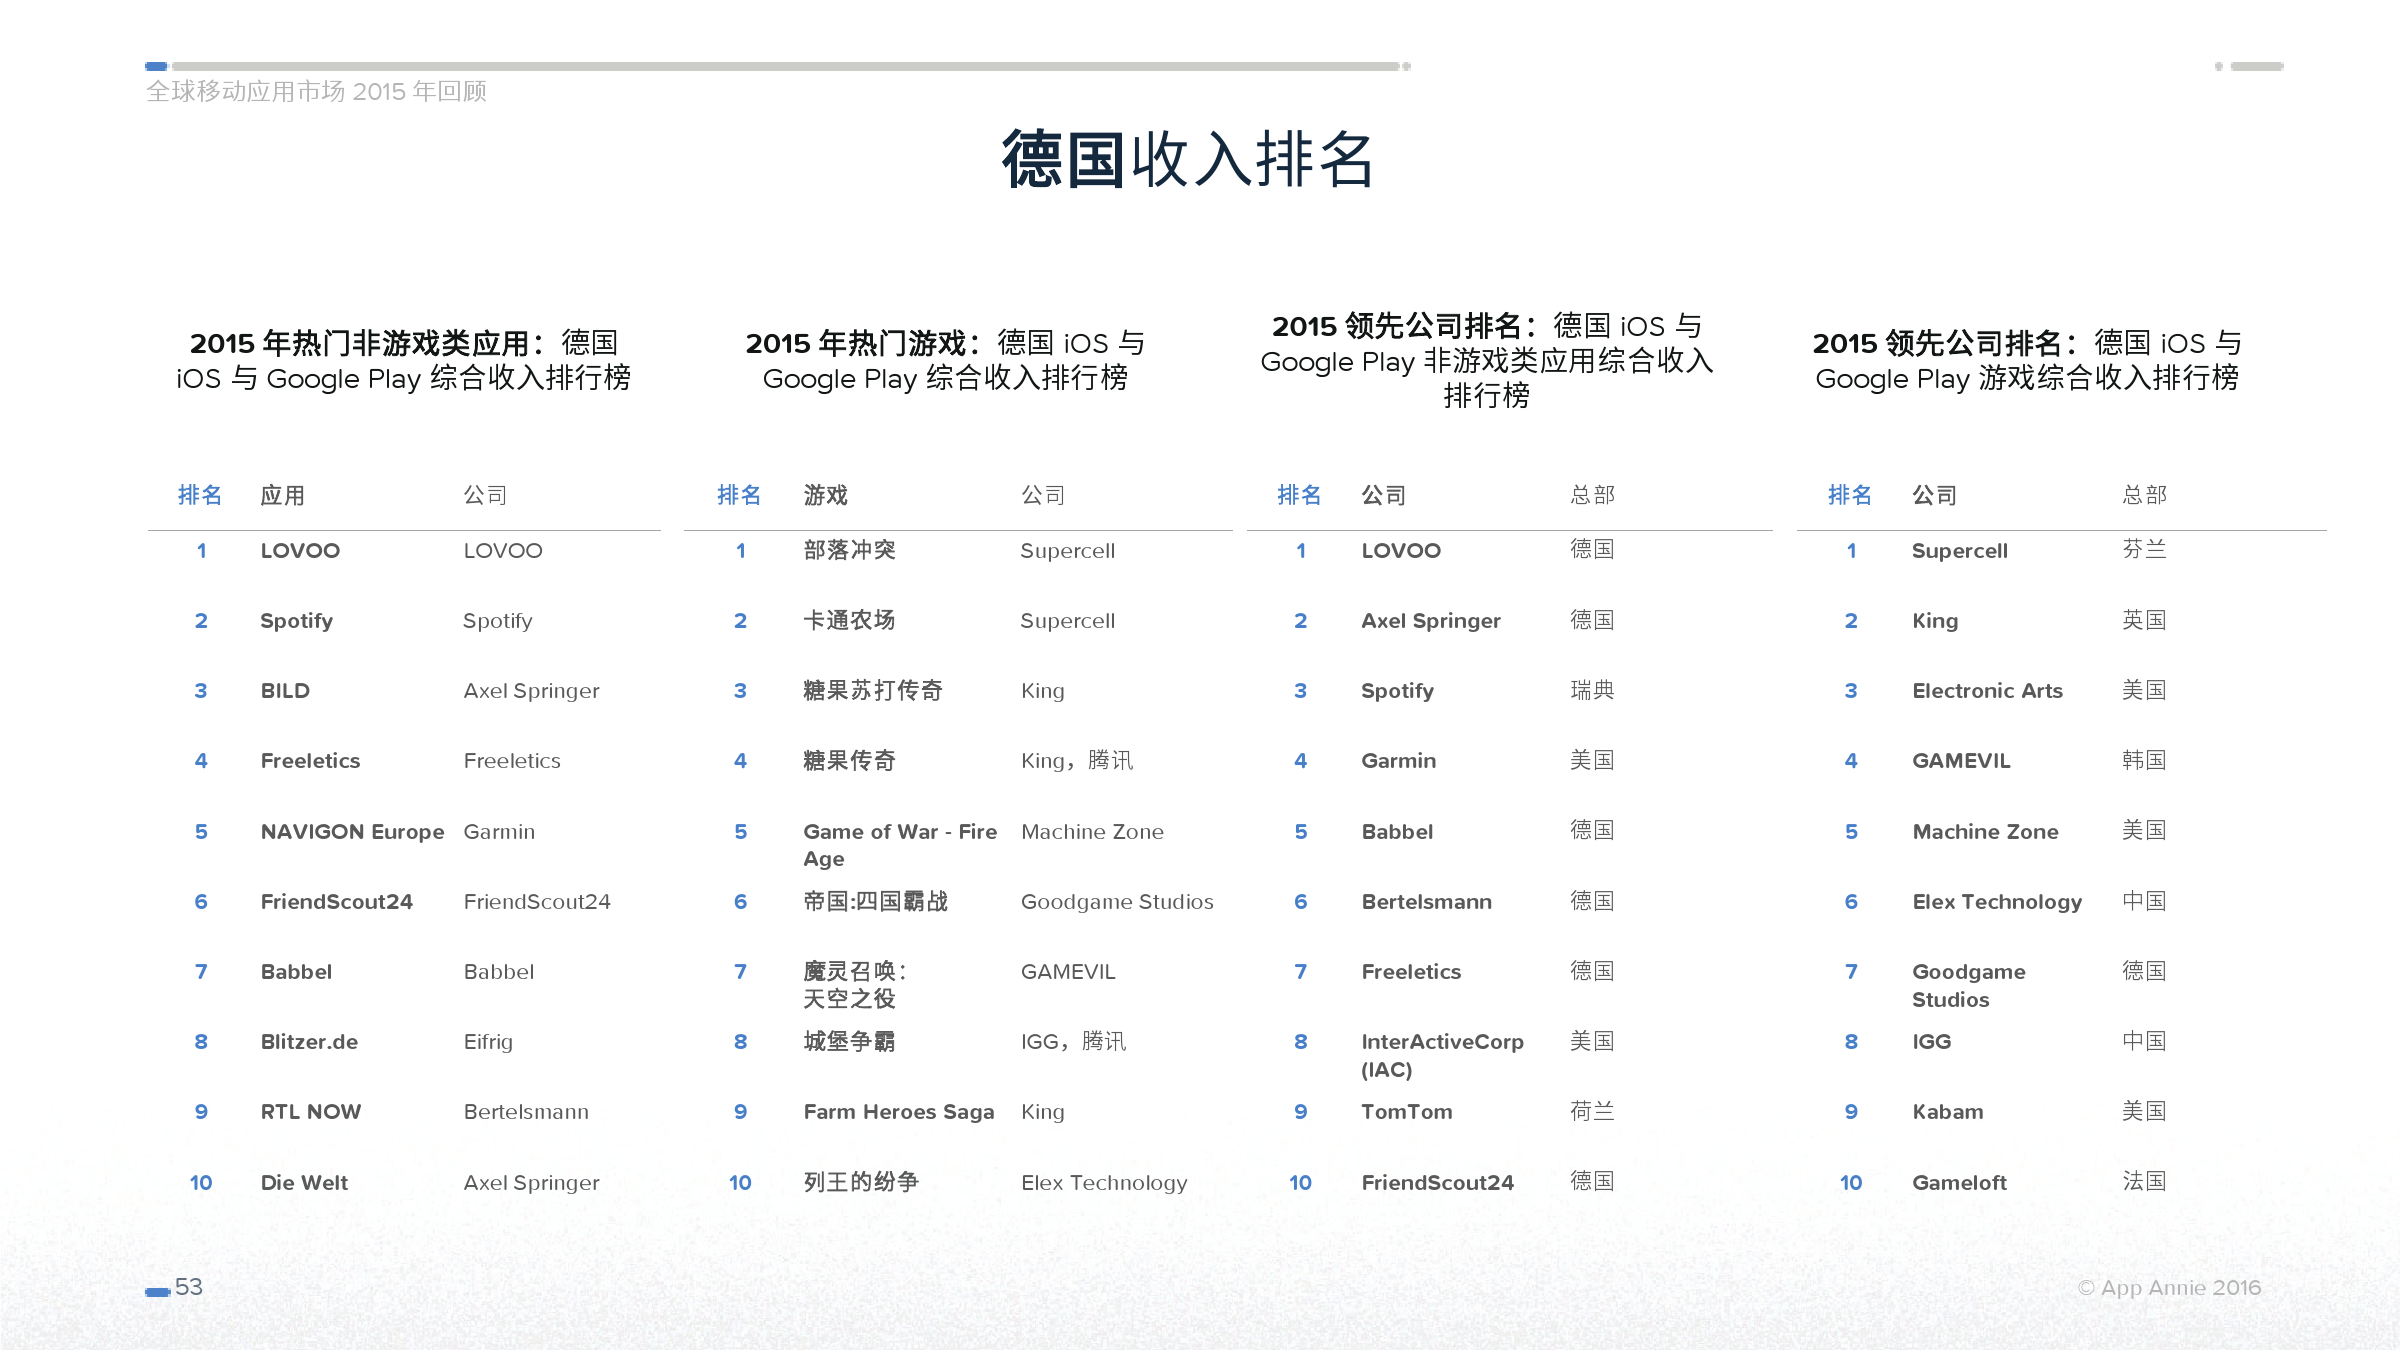 App Annie 全球移动应用市场 2015 年回顾_000053